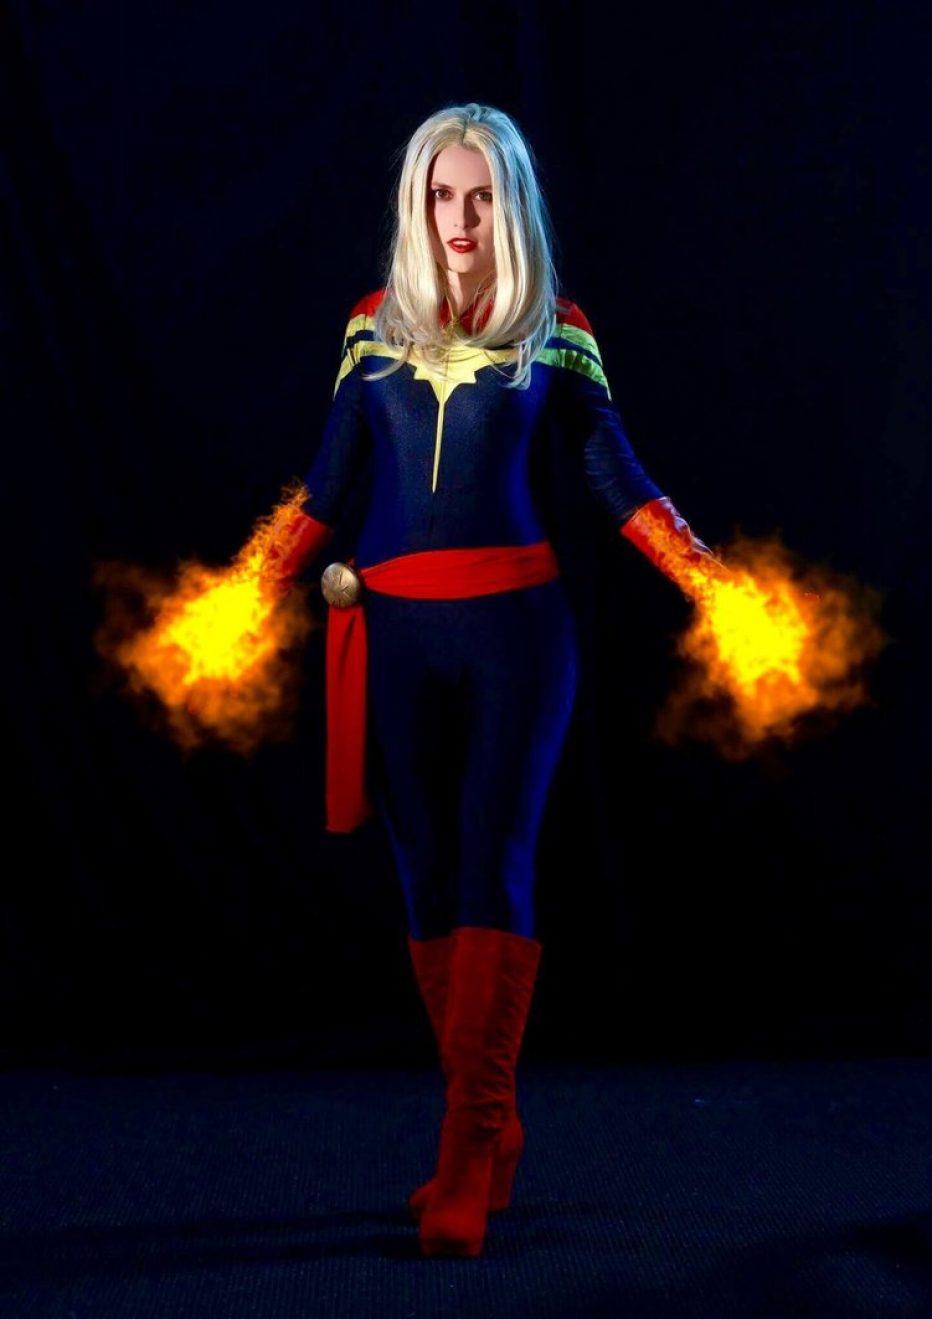 Captain-Marvel-Cosplay-Gamers-Heroes-2.jpg